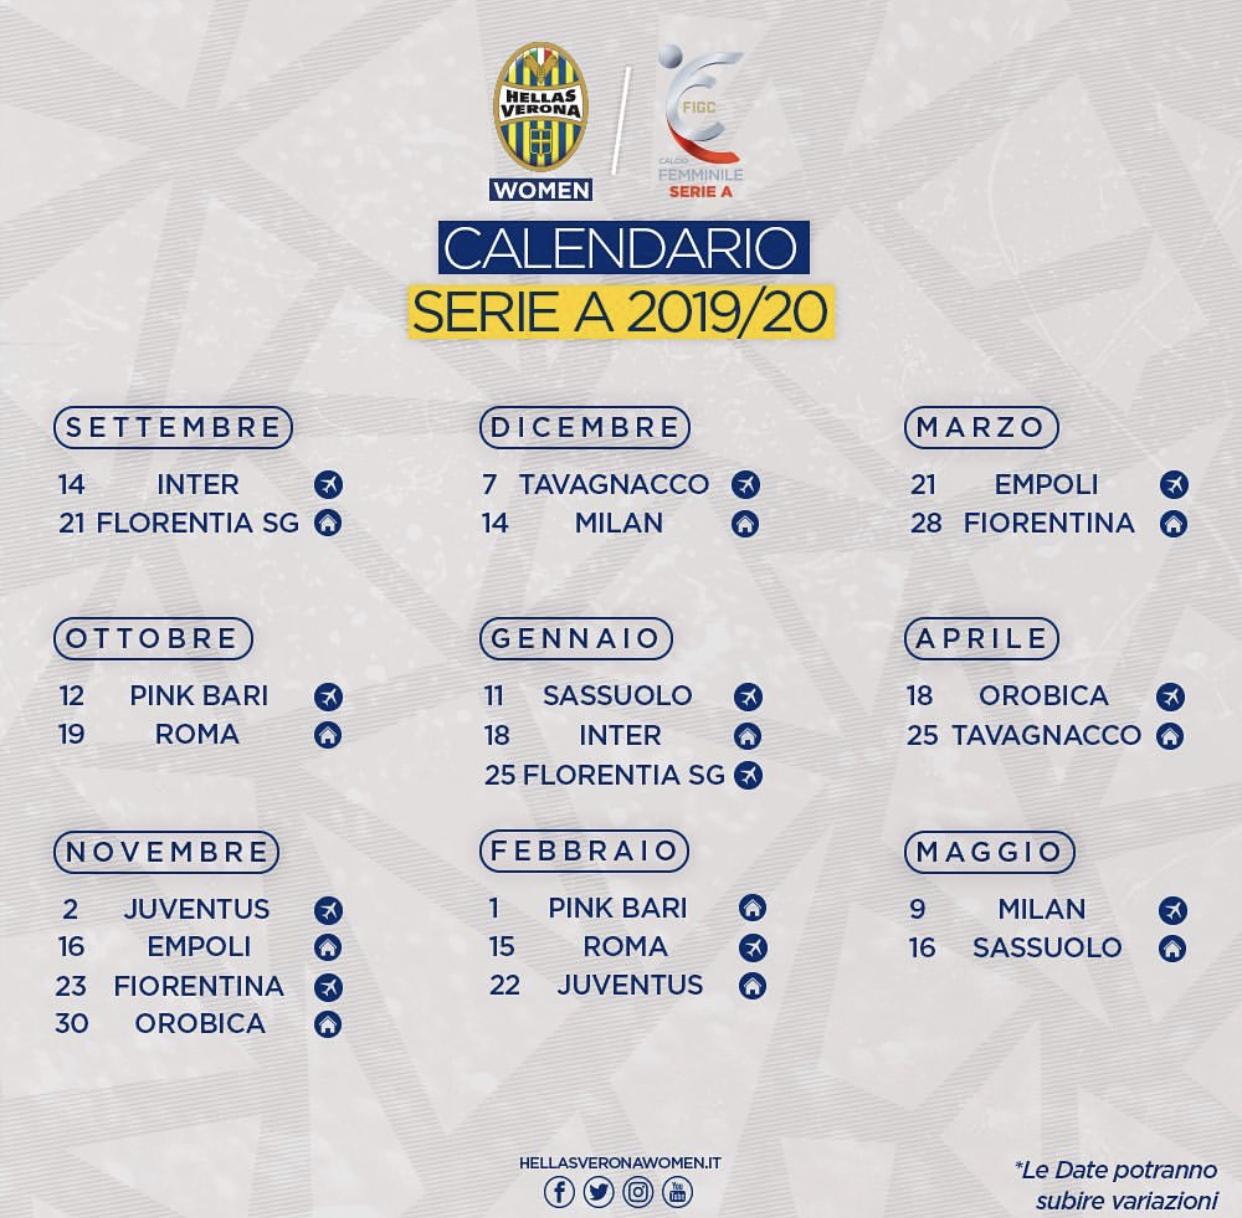 Calendario Verona.Hellas Verona Women Il Calendario Completo Della Serie A